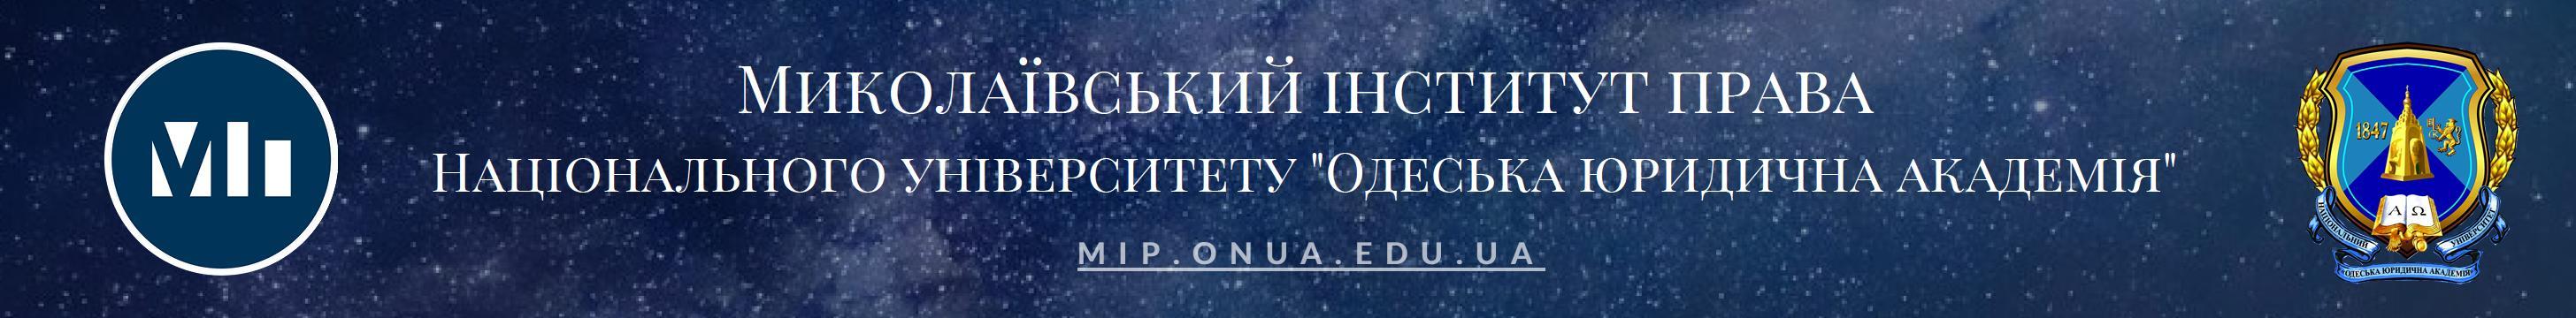 Миколаївський інститут права Національного університету _Одеська юридична академія_ (1) - 0001